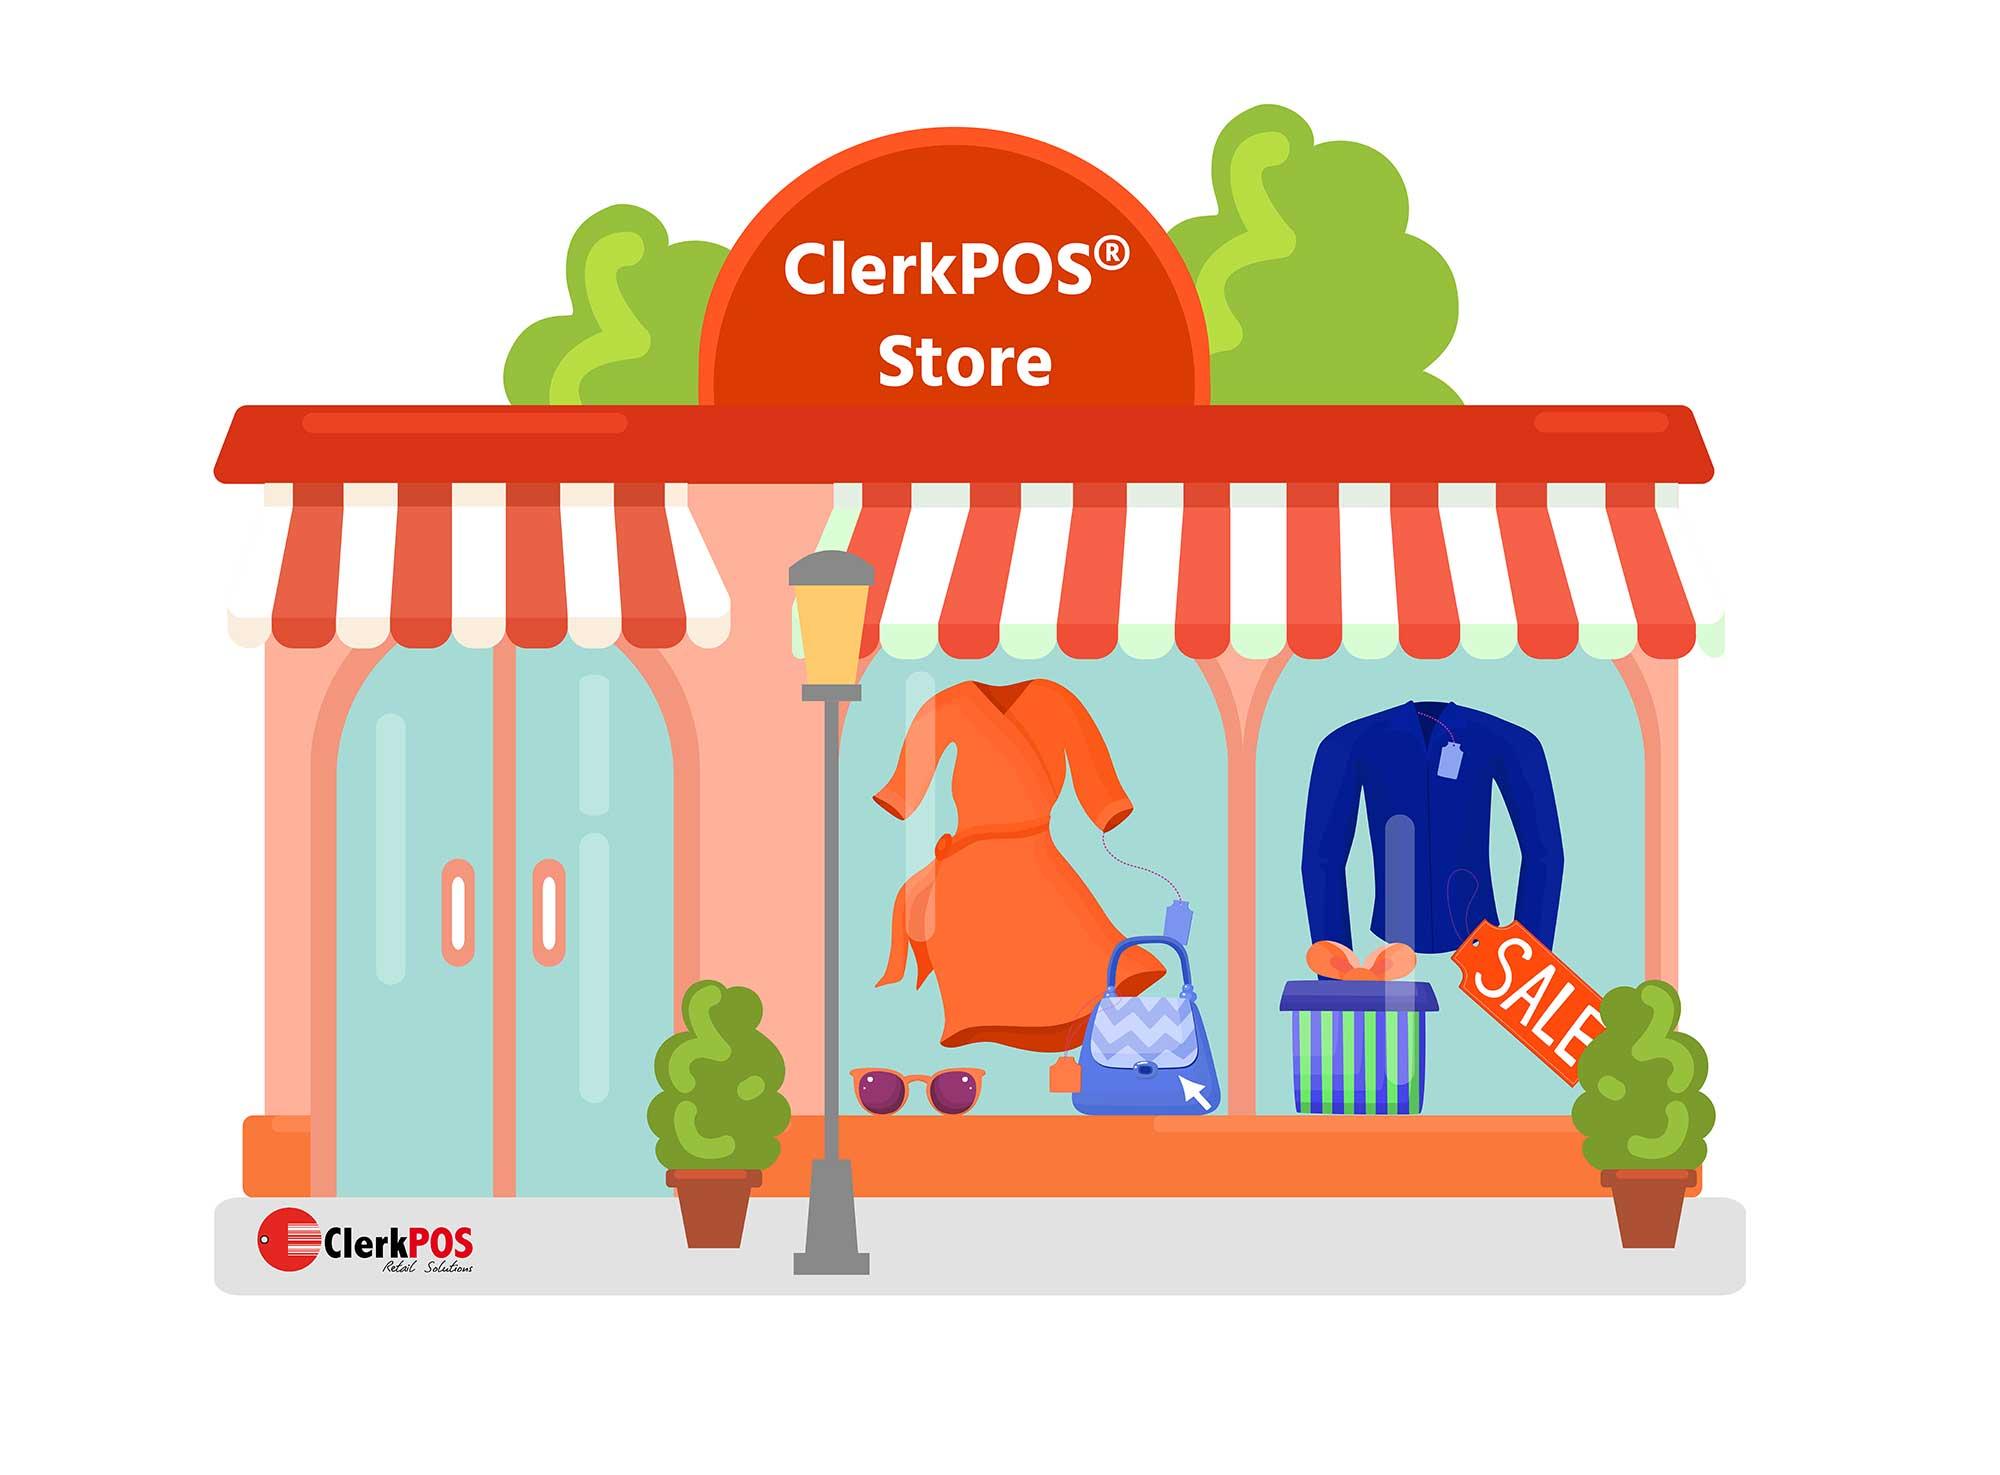 ClerkPOS-Store-01